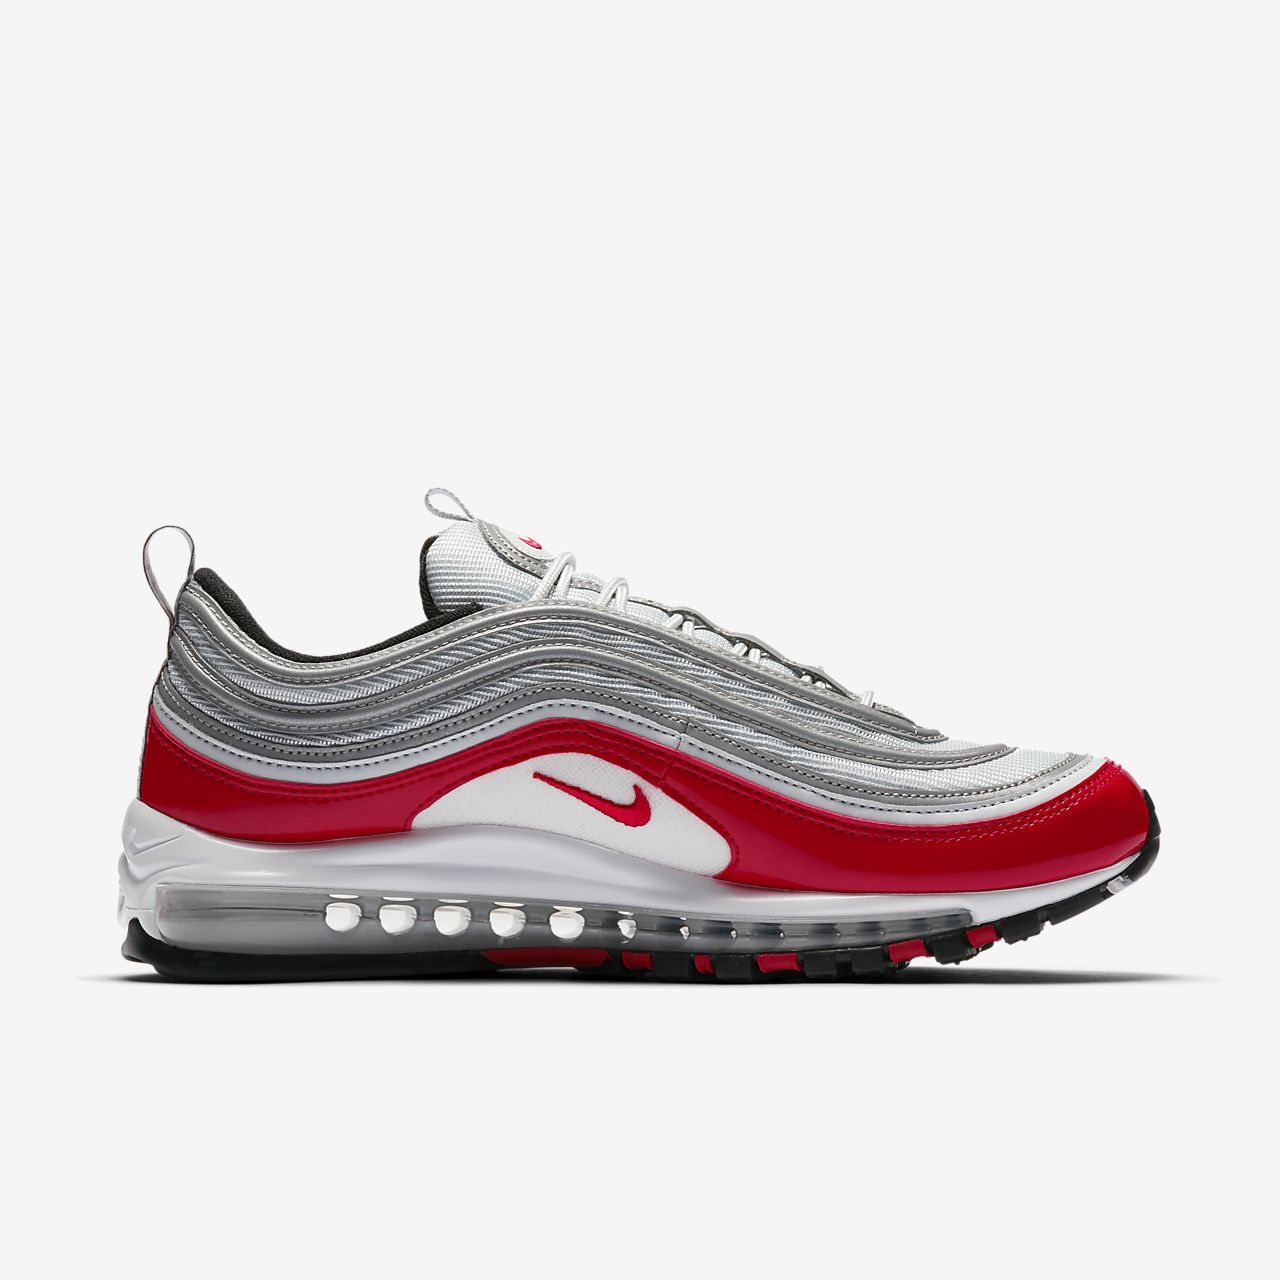 ... Nike Air Max 97 Men's Shoe